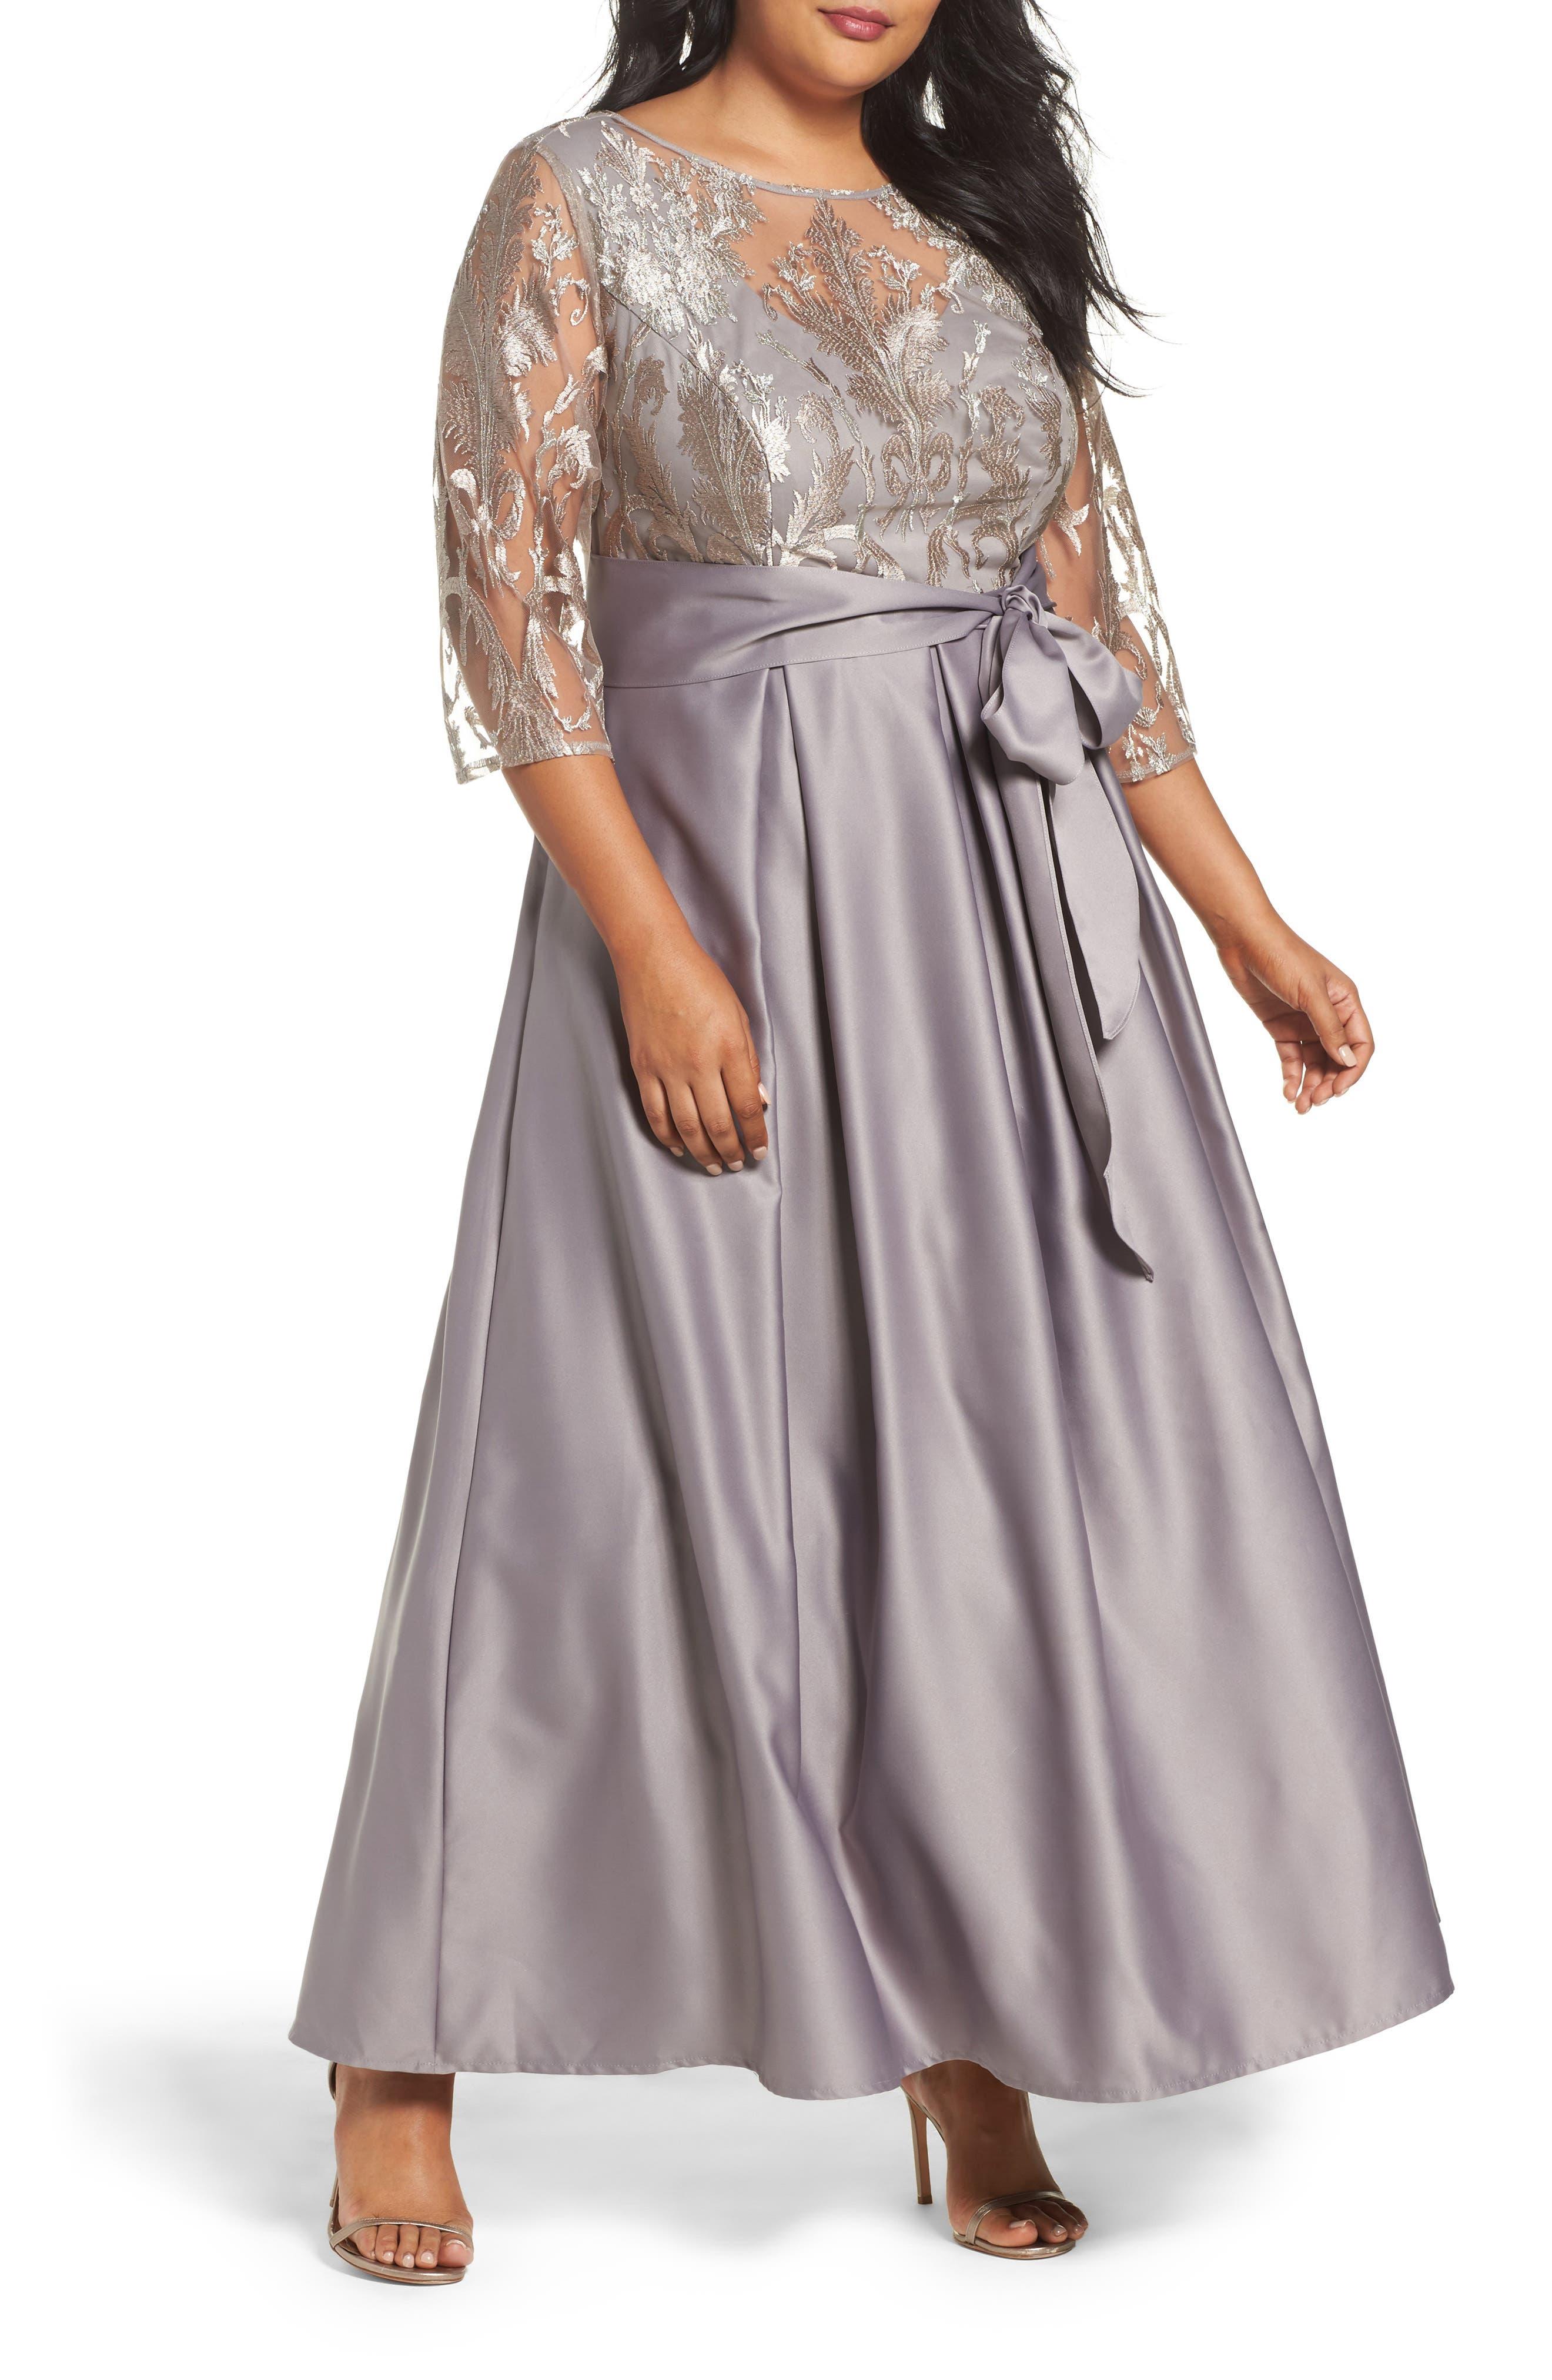 Alex plus size evening dresses